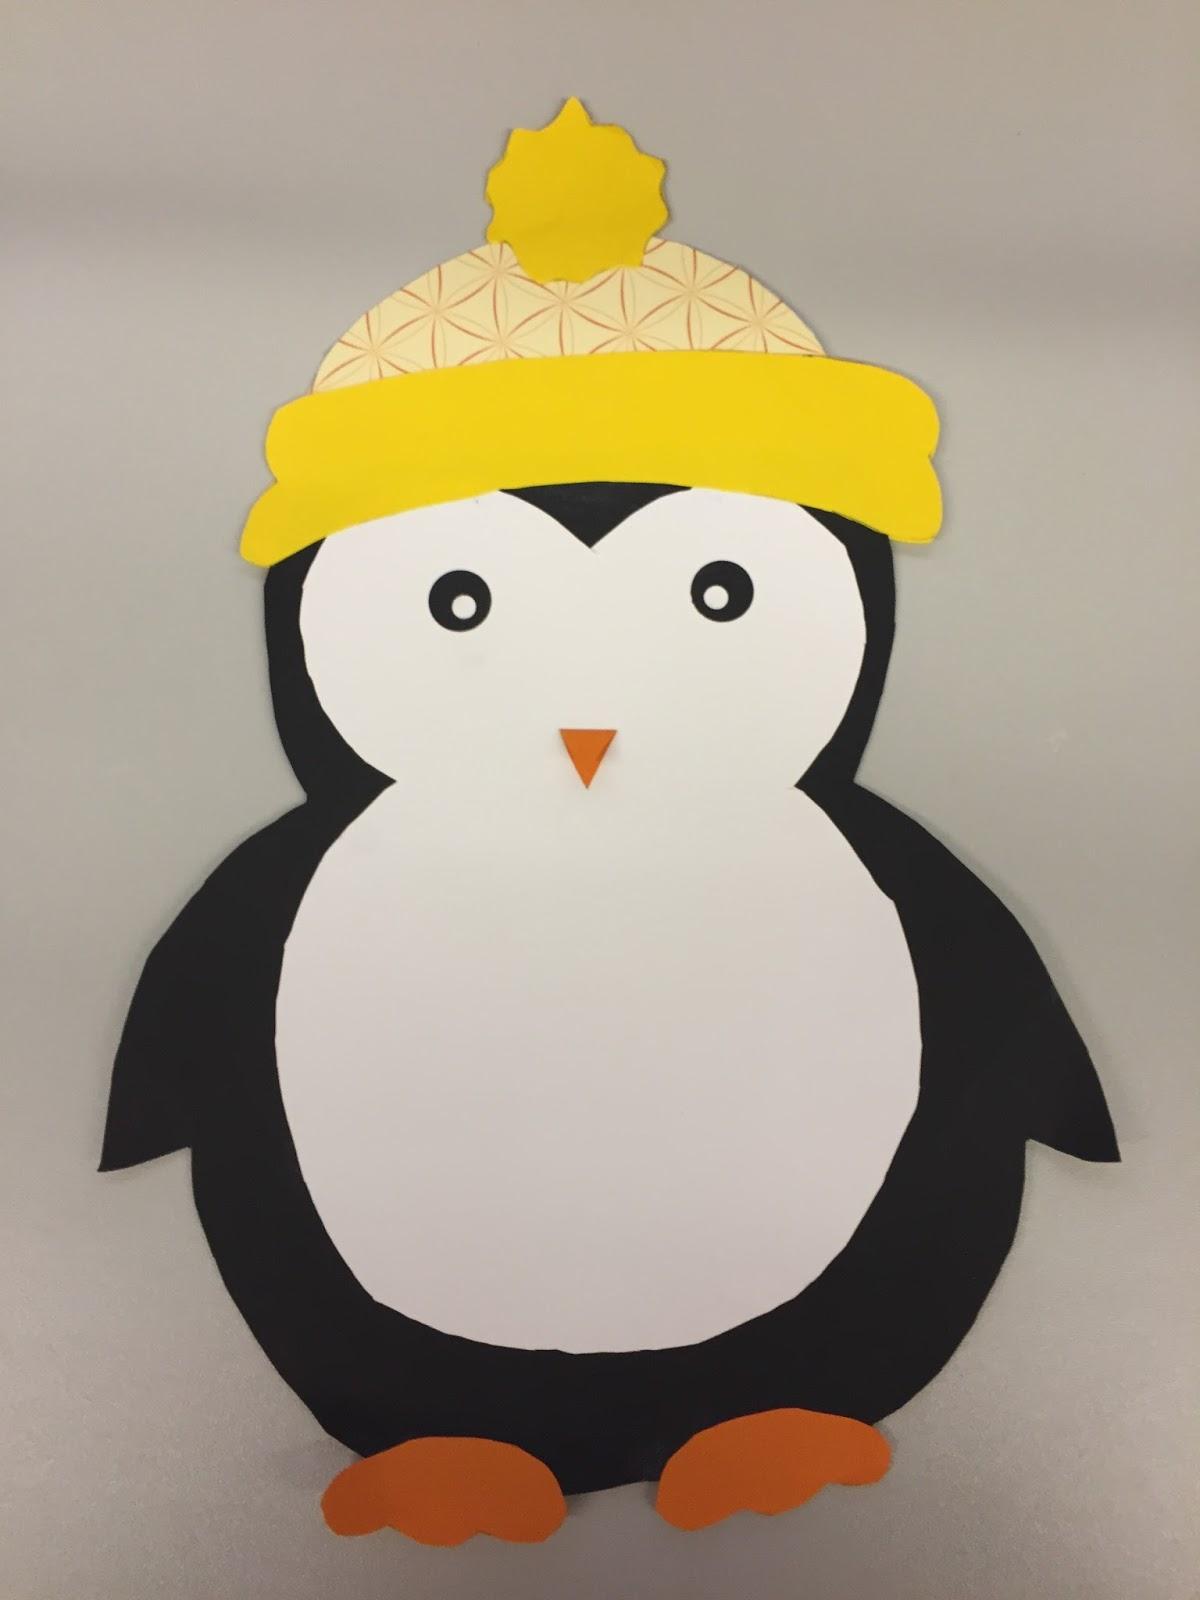 Fensterdeko: Pinguin & Freebie – Klassenkunst verwandt mit Pinguin Bastelvorlage